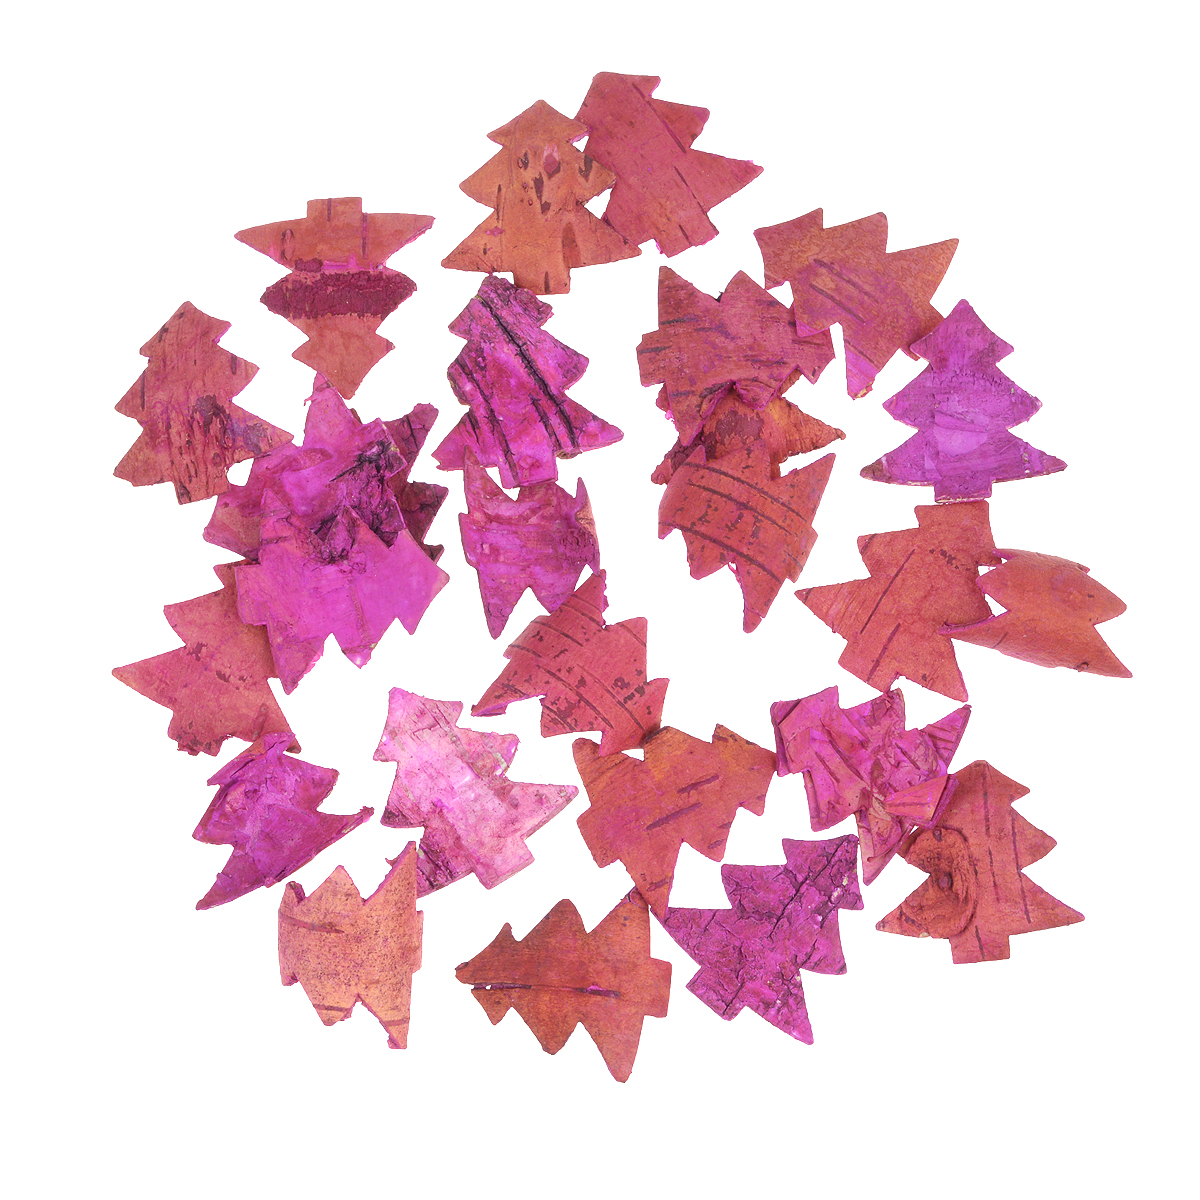 Декоративный элемент Dongjiang Art Елка, цвет: розовый, 25 штBLOA.CHYBДекоративный элемент Dongjiang Art Елка, изготовленный из натуральной коры дерева, предназначен для украшения цветочных композиций. Изделие можно также использовать в технике скрапбукинг и многом другом. Флористика - вид декоративно-прикладного искусства, который использует живые, засушенные или консервированные природные материалы для создания флористических работ. Это целый мир, в котором есть место и строгому математическому расчету, и вдохновению.